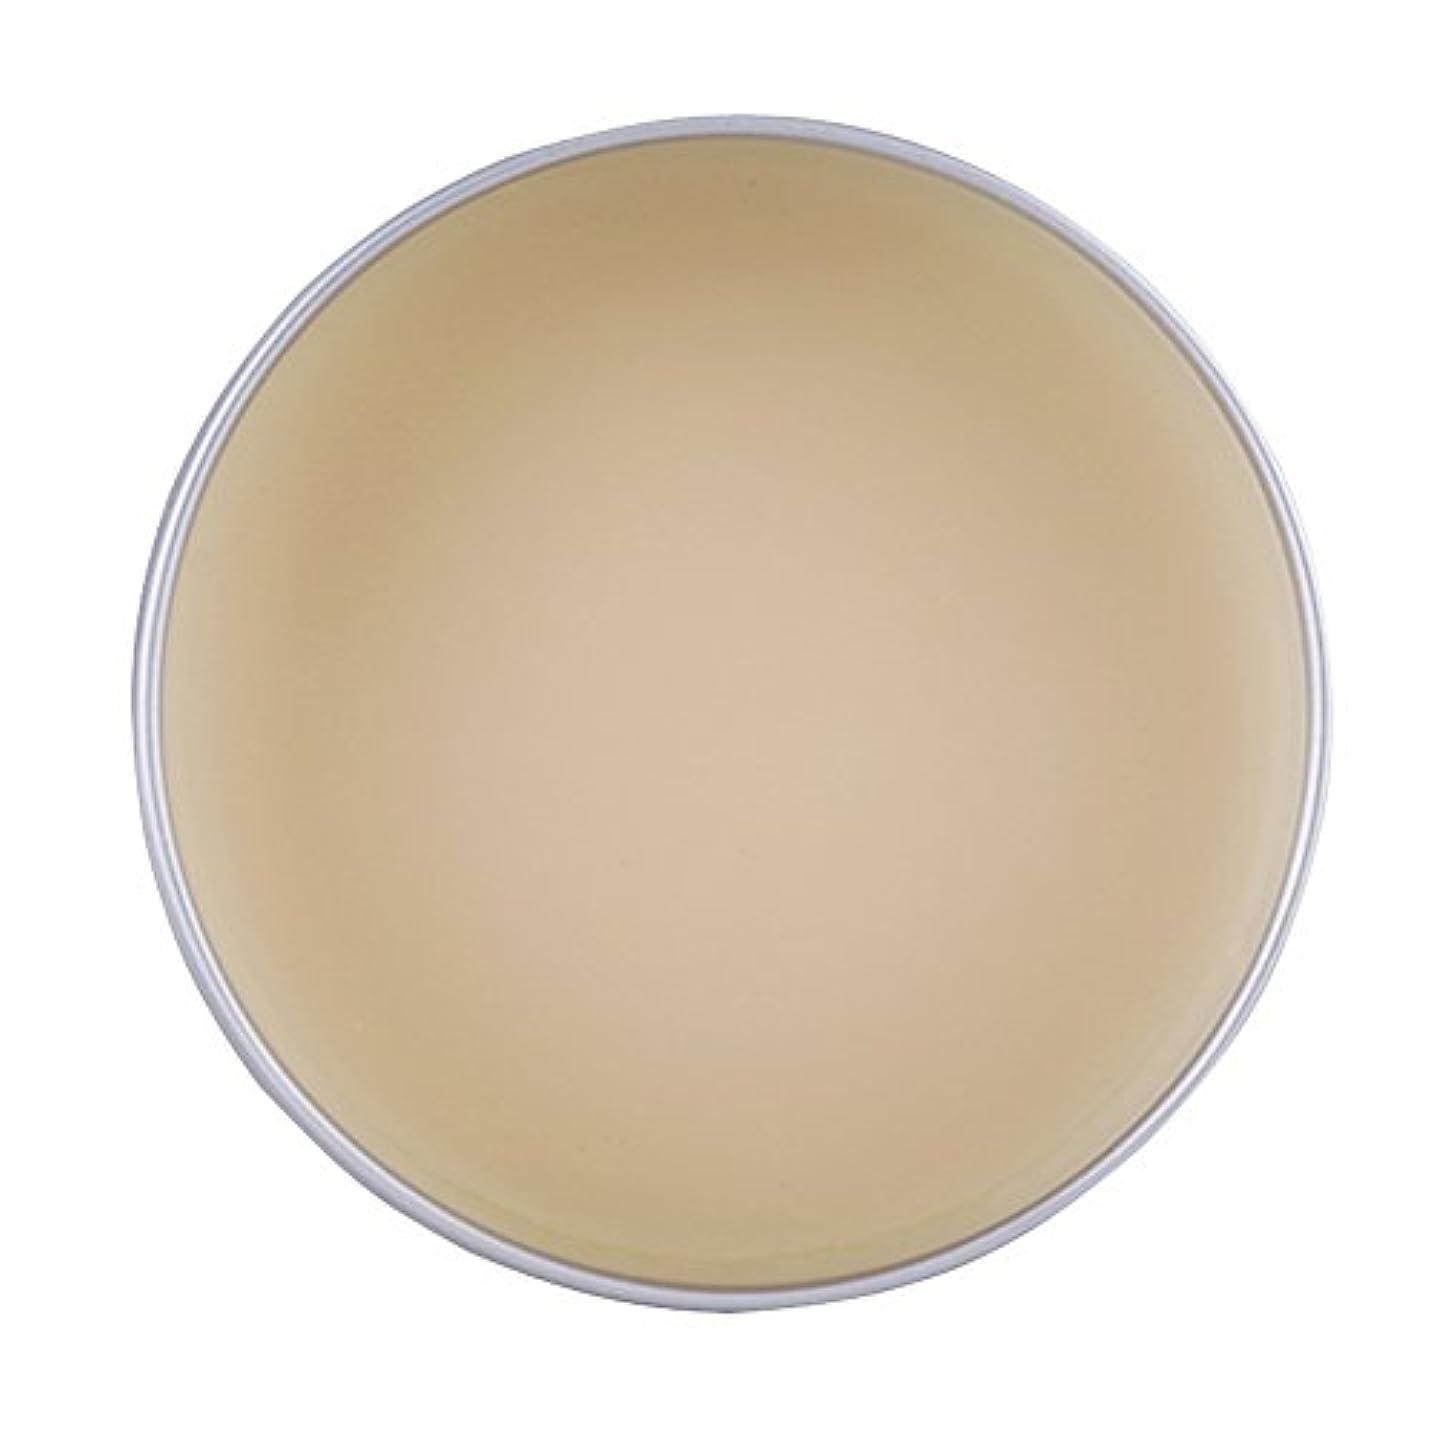 シエスタ秋不均一5タイププロフェッショナル偽の創傷修復カバー瘢痕眉毛クリームワックスメイクアップ化粧品(2)